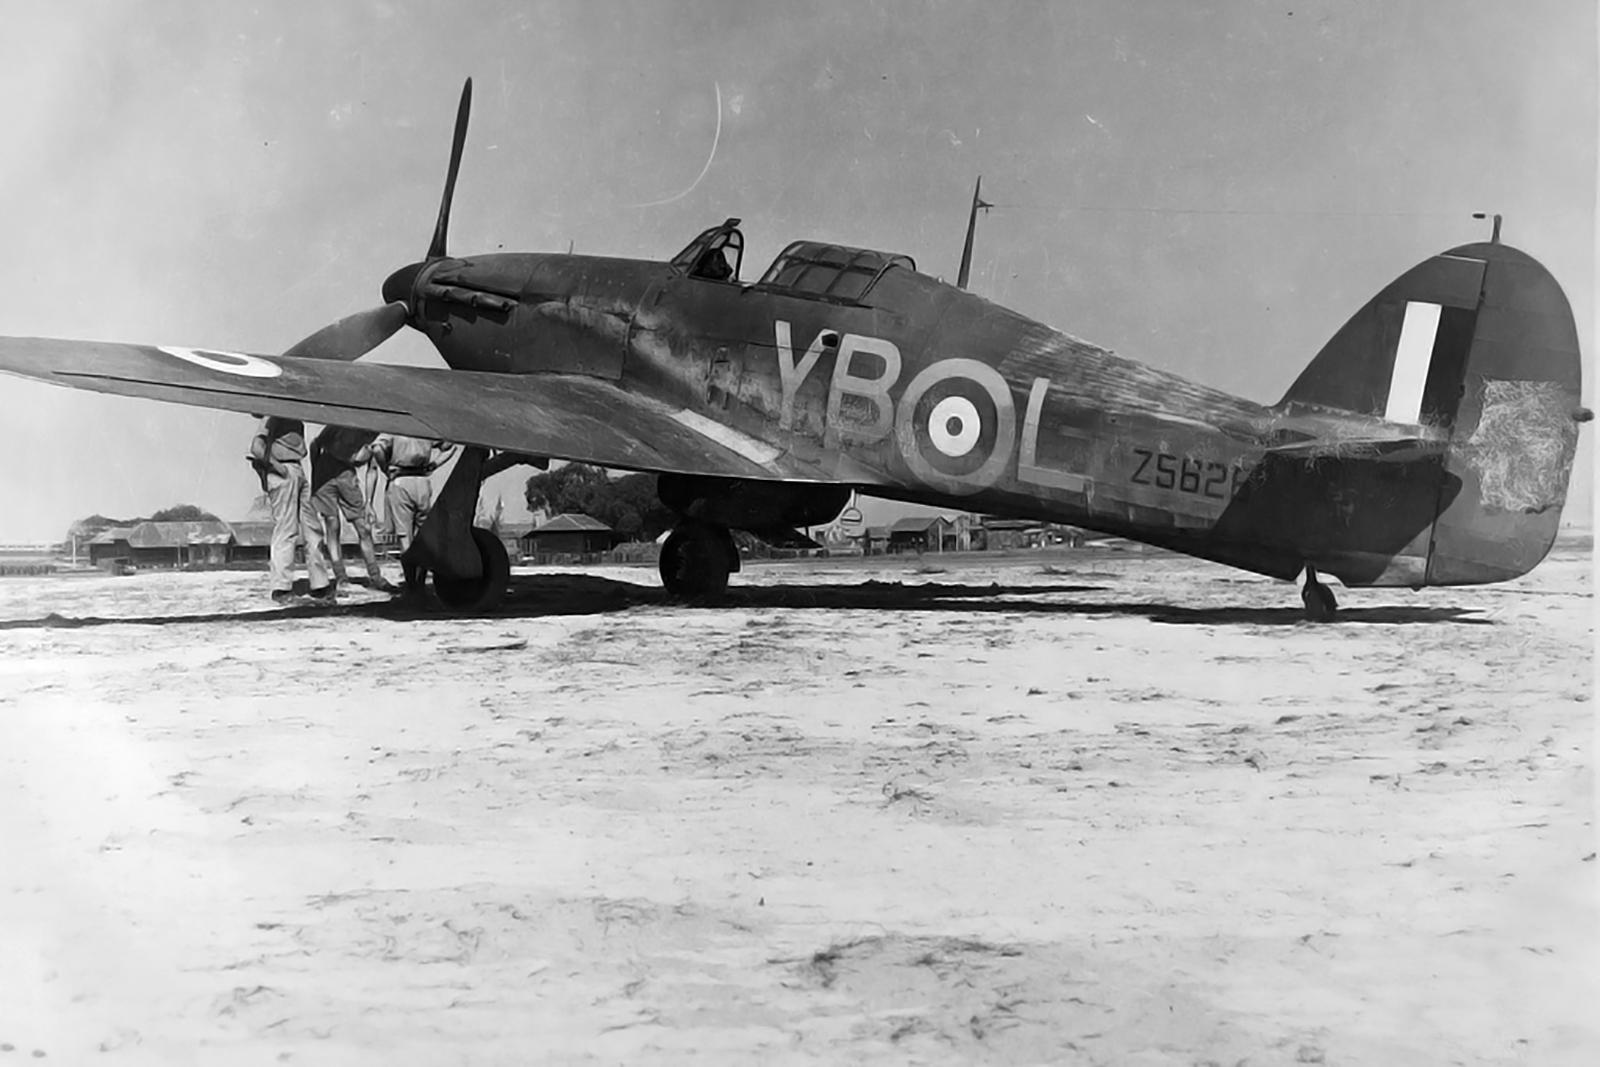 Hawker Hurricane I RAF 17Sqn YBL Z5826 01